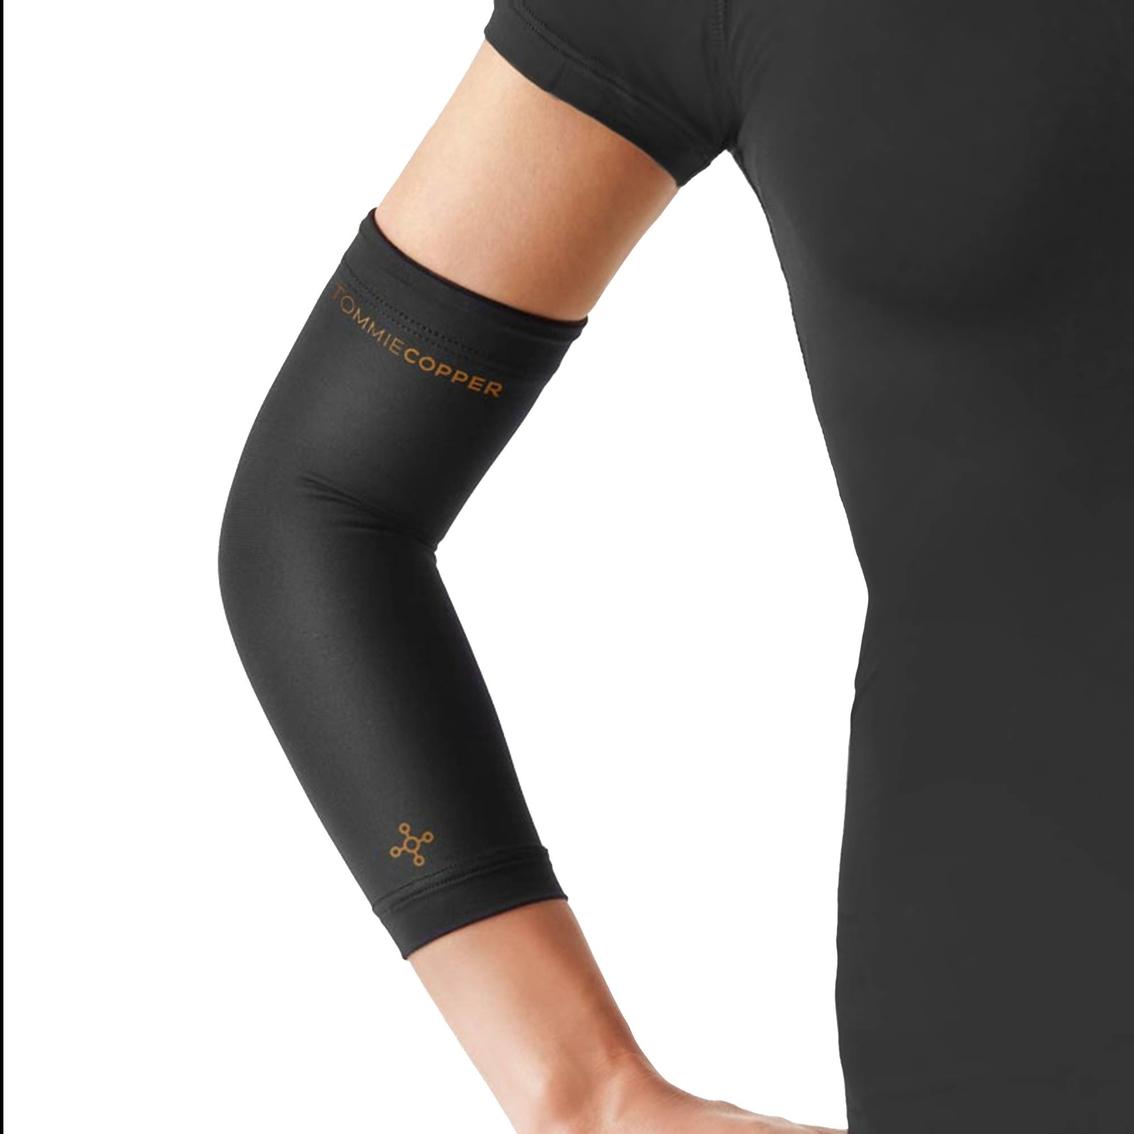 d9520d75ce Tommie Copper Core Compression Women's Elbow Sleeve | Braces ...